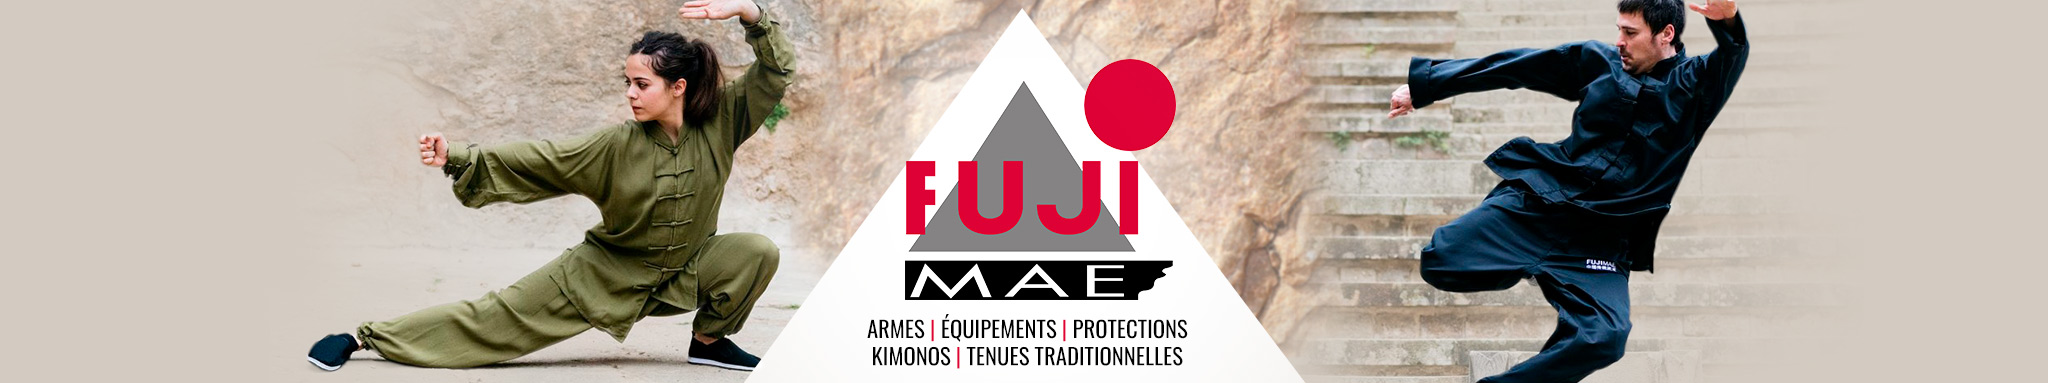 FUJI MAE : vêtements, équipements & accessoires de la marque FUJI MAE | Dragon Bleu